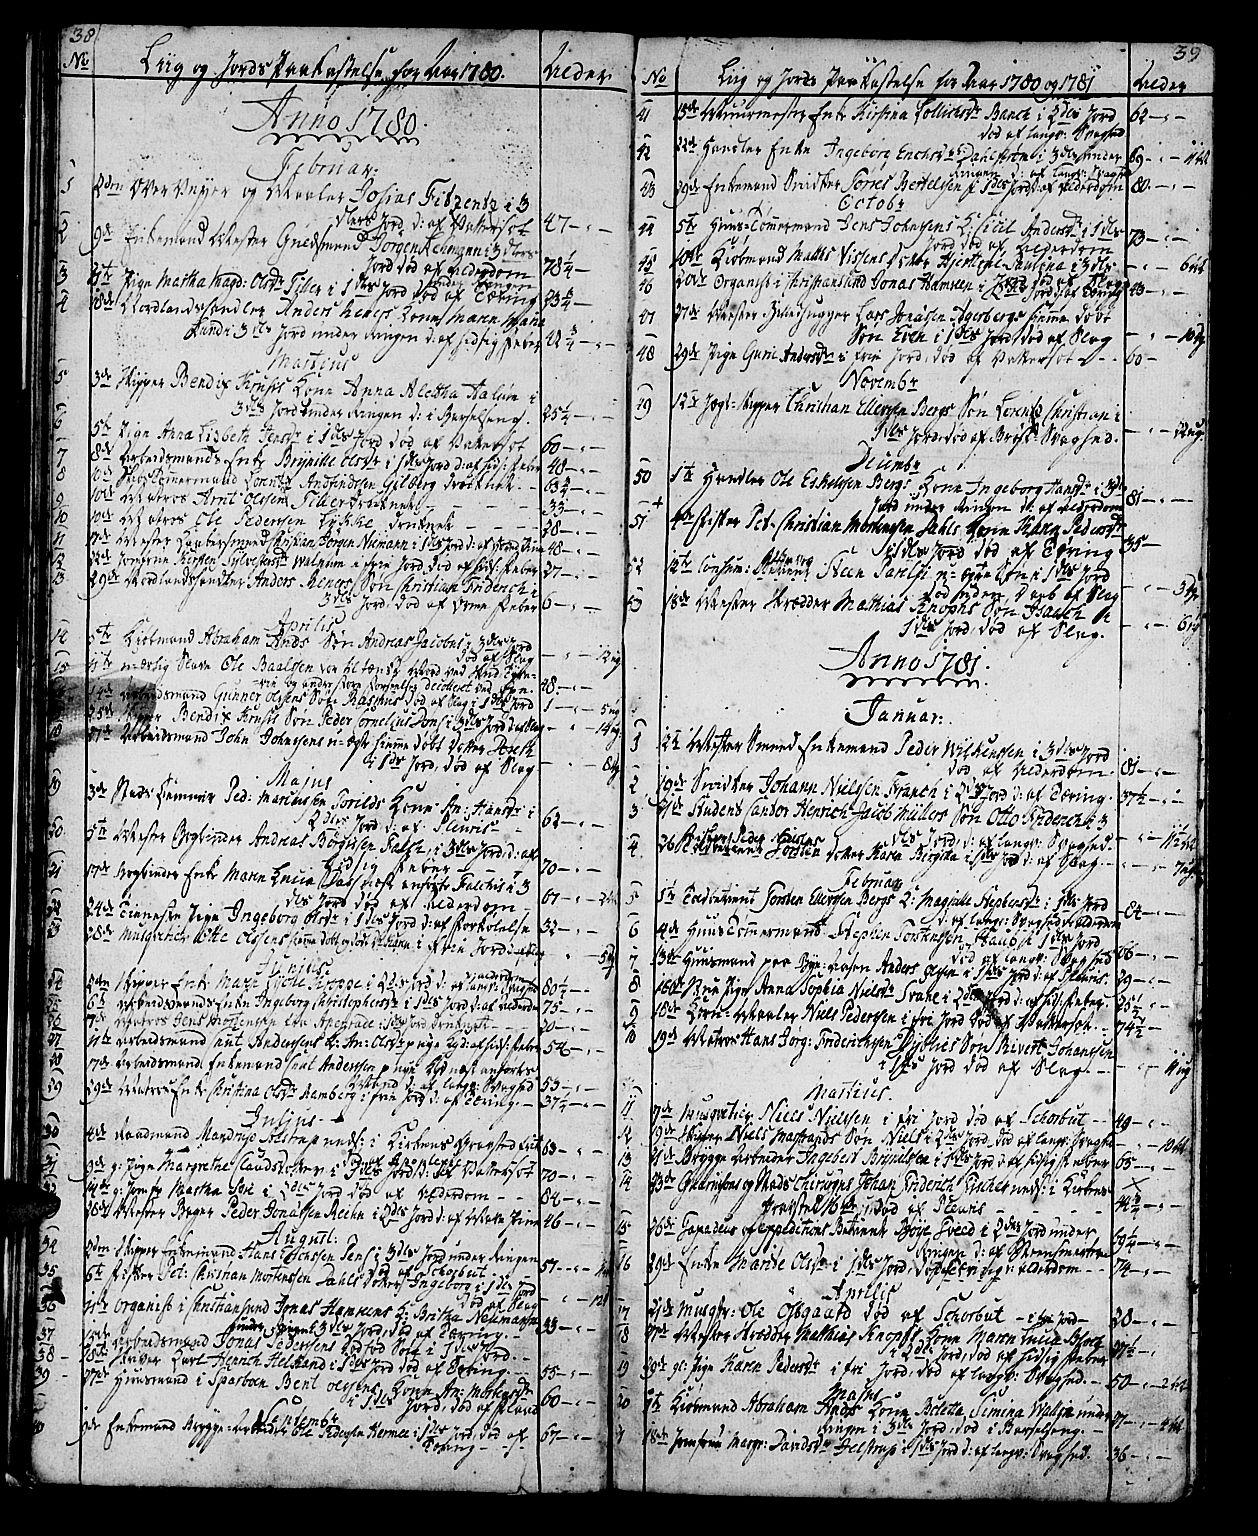 SAT, Ministerialprotokoller, klokkerbøker og fødselsregistre - Sør-Trøndelag, 602/L0134: Klokkerbok nr. 602C02, 1759-1812, s. 38-39